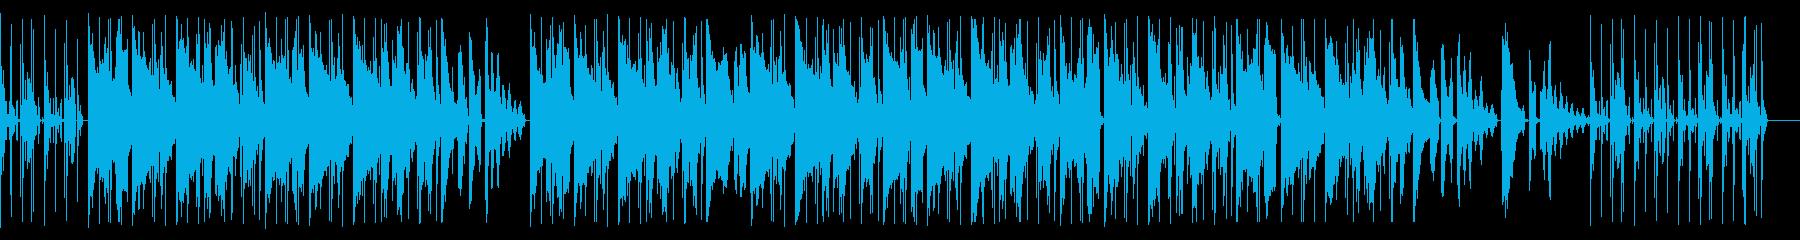 切ない旋律のローファイなHIPHOPの再生済みの波形